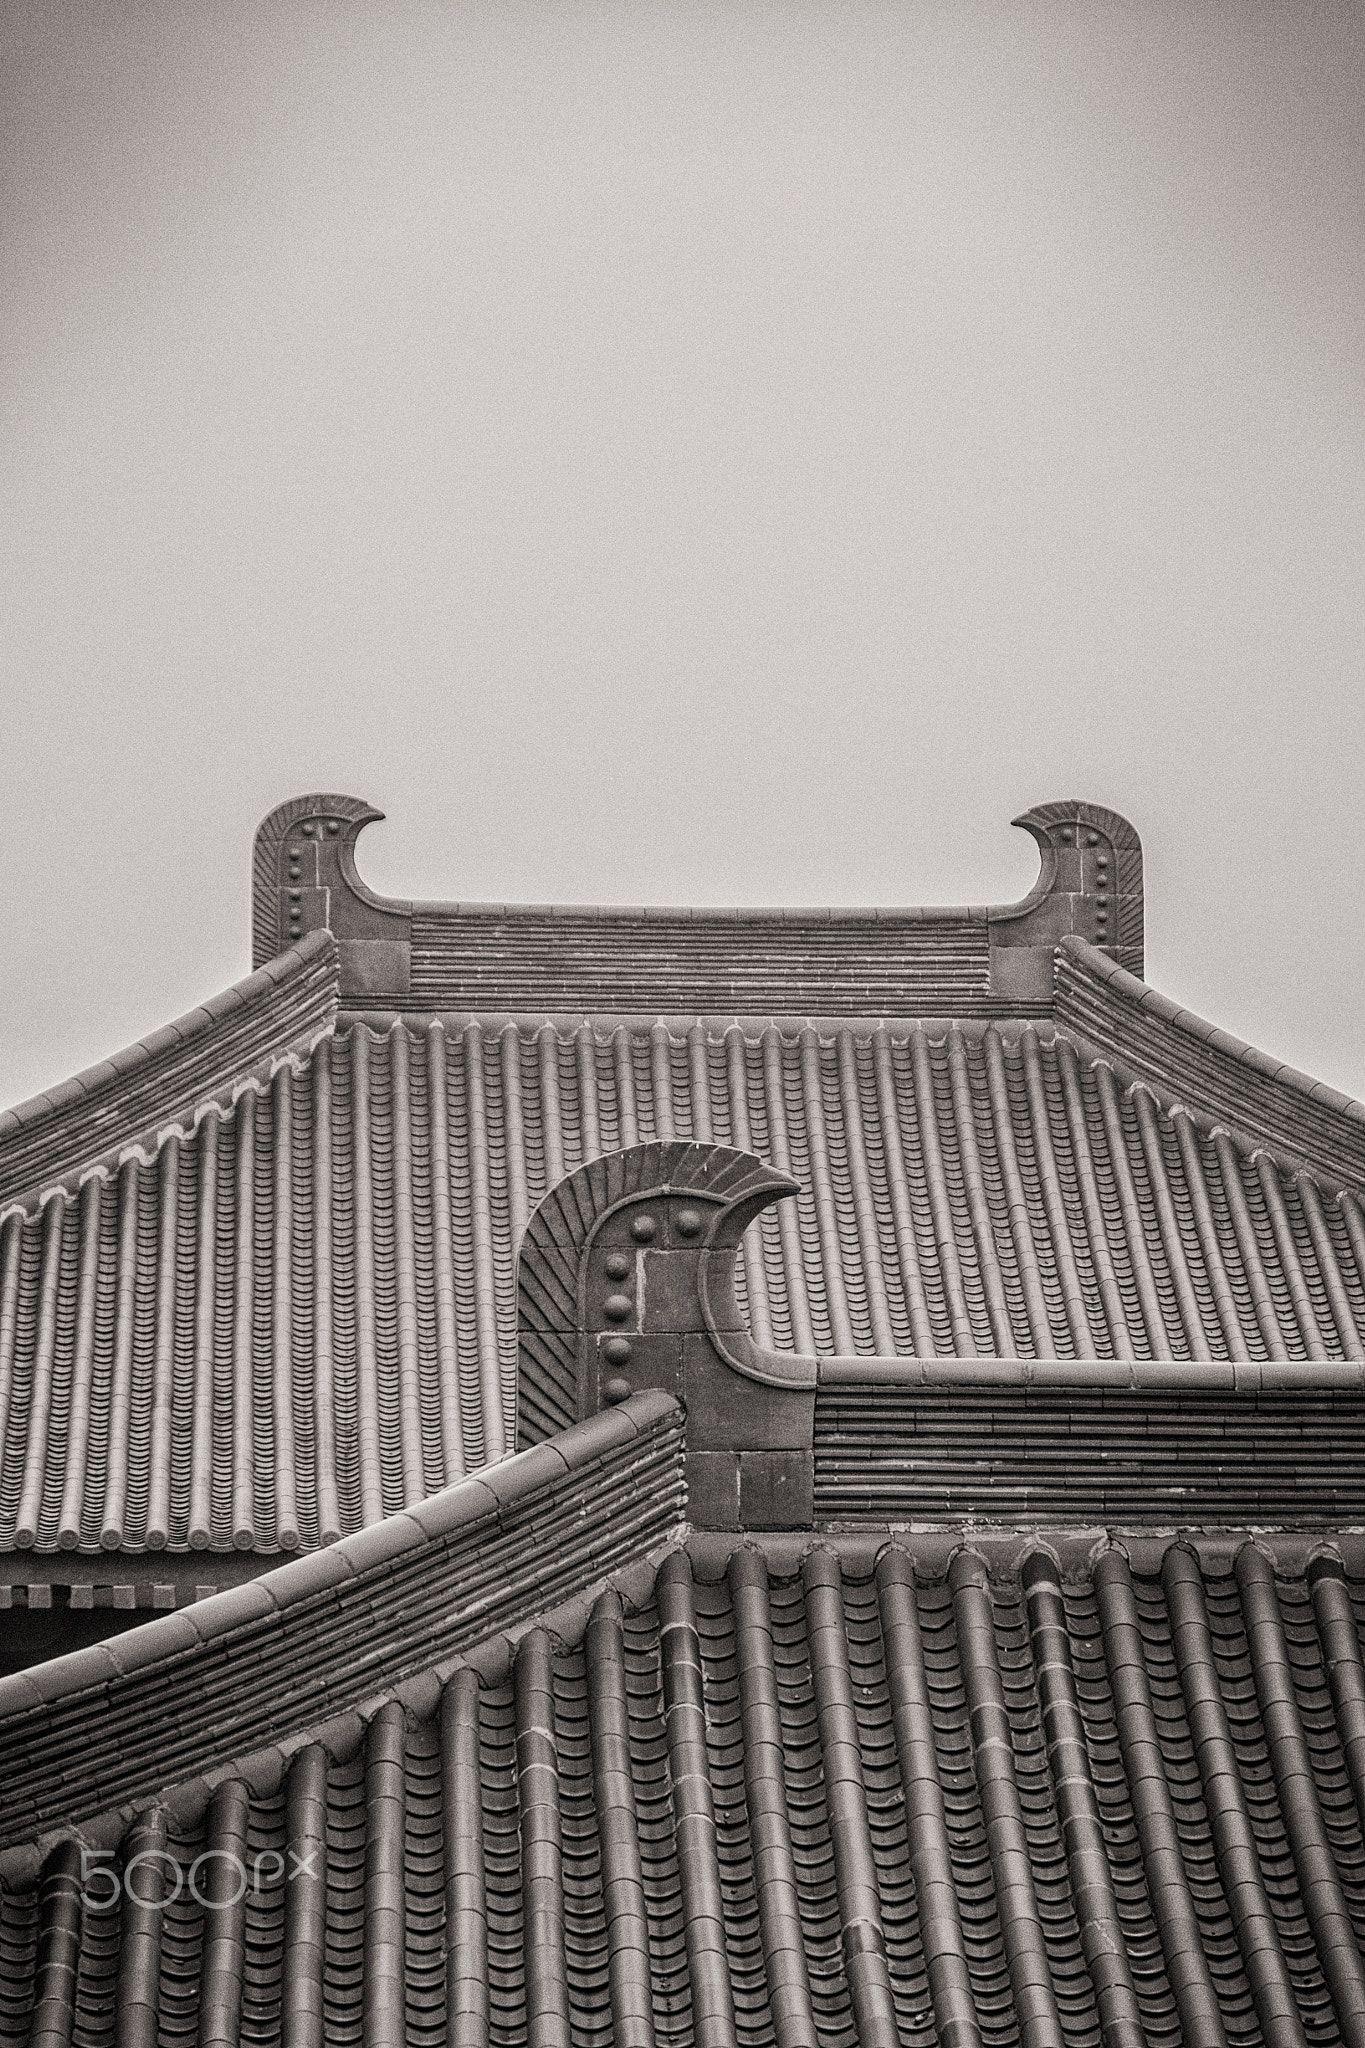 西安style_Xian 西安 - Xian 西安 | Chinese architecture, Chinese buildings, Ancient architecture